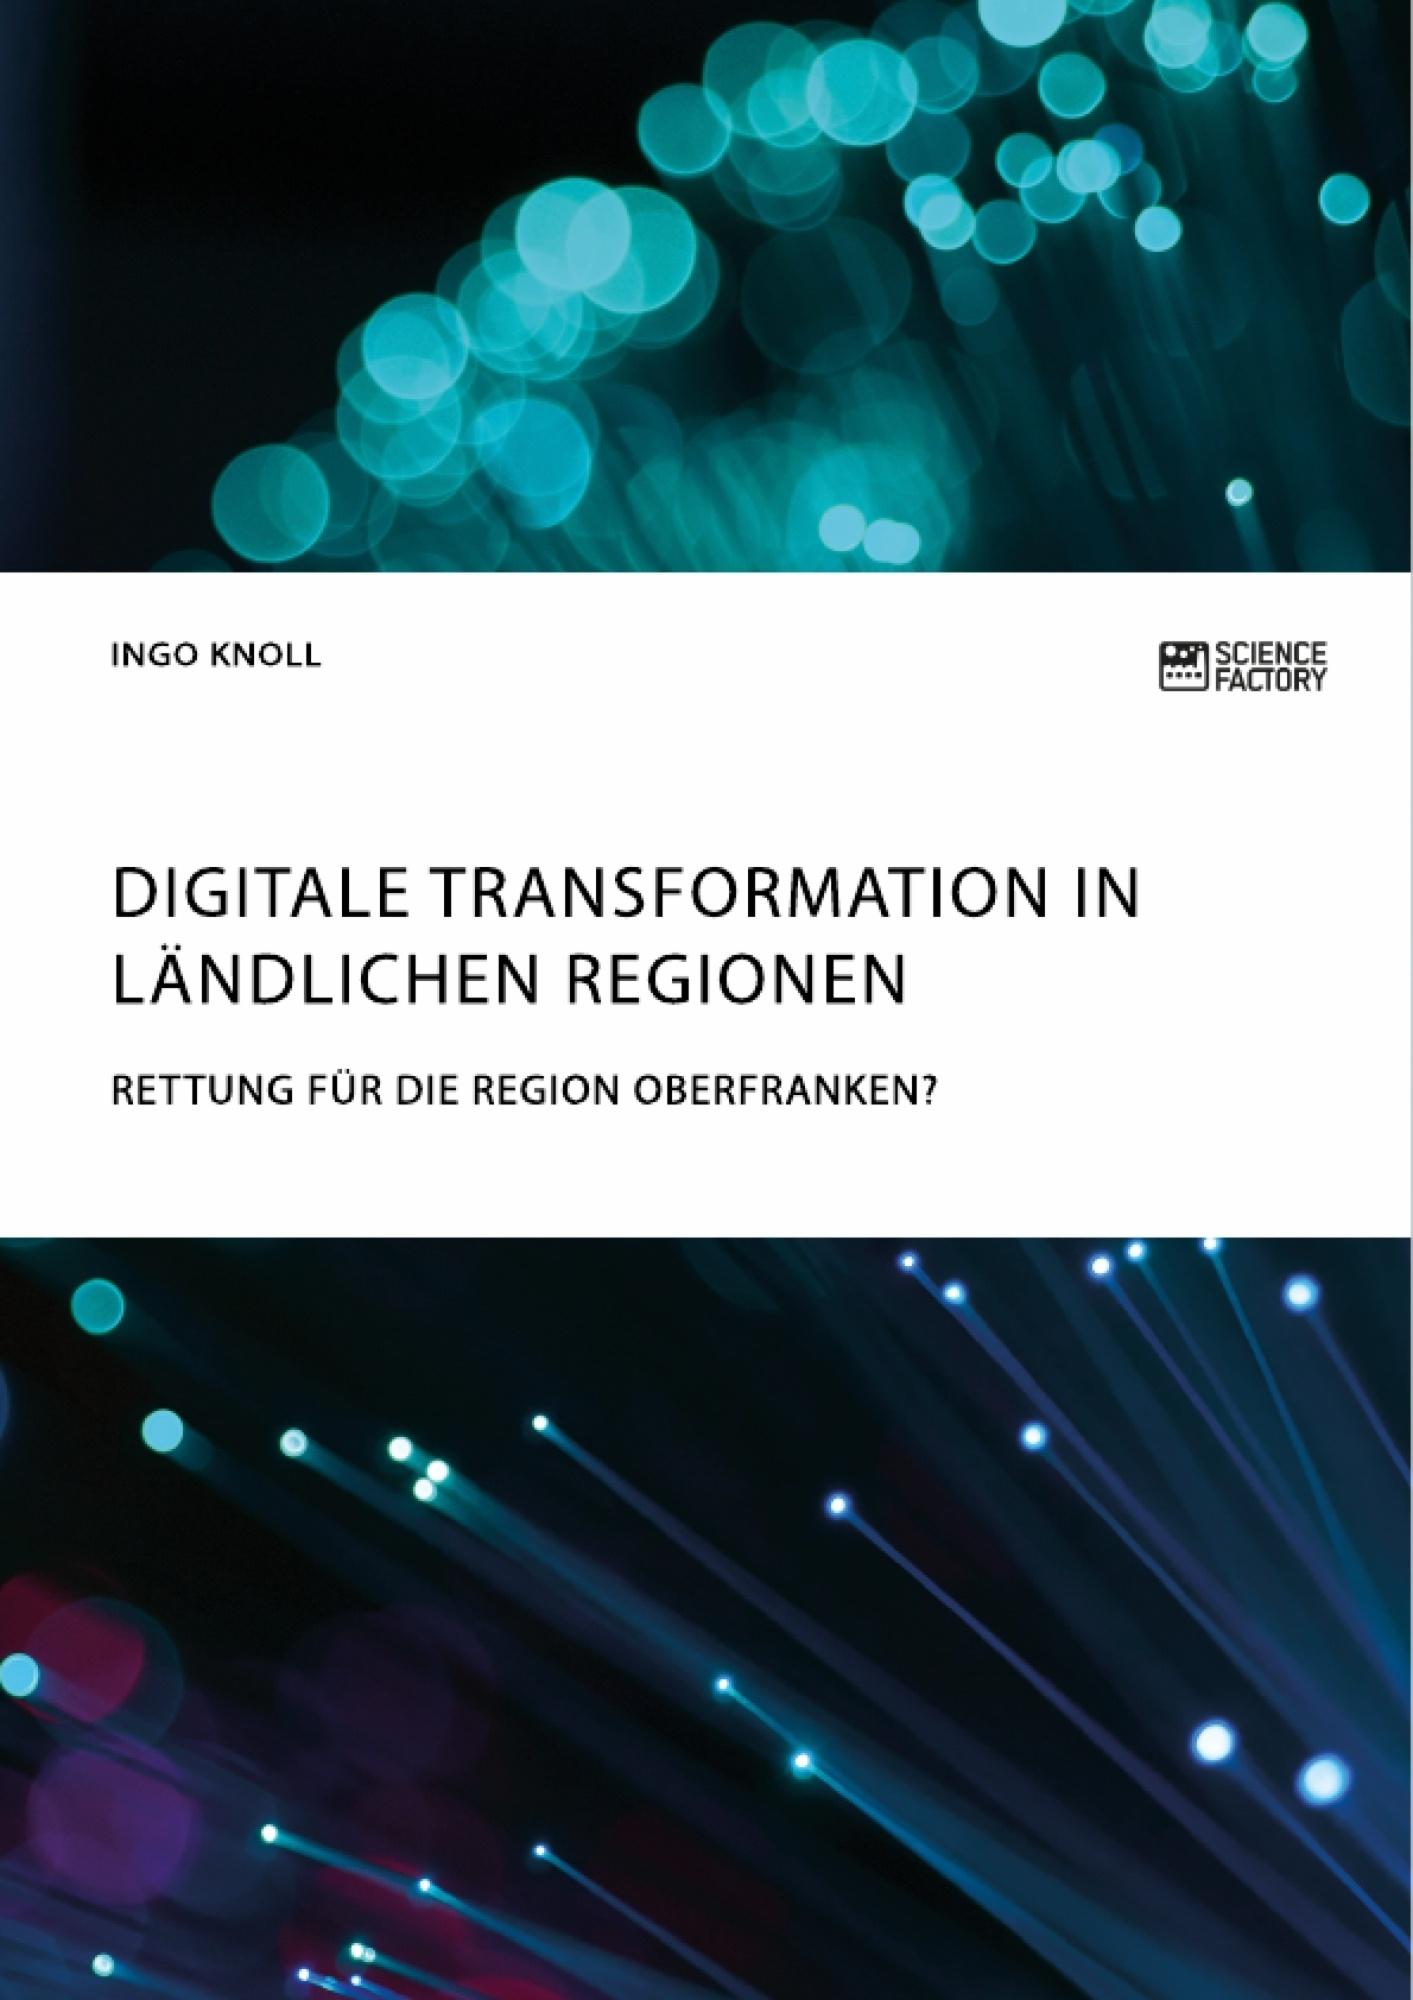 Titel: Digitale Transformation in ländlichen Regionen